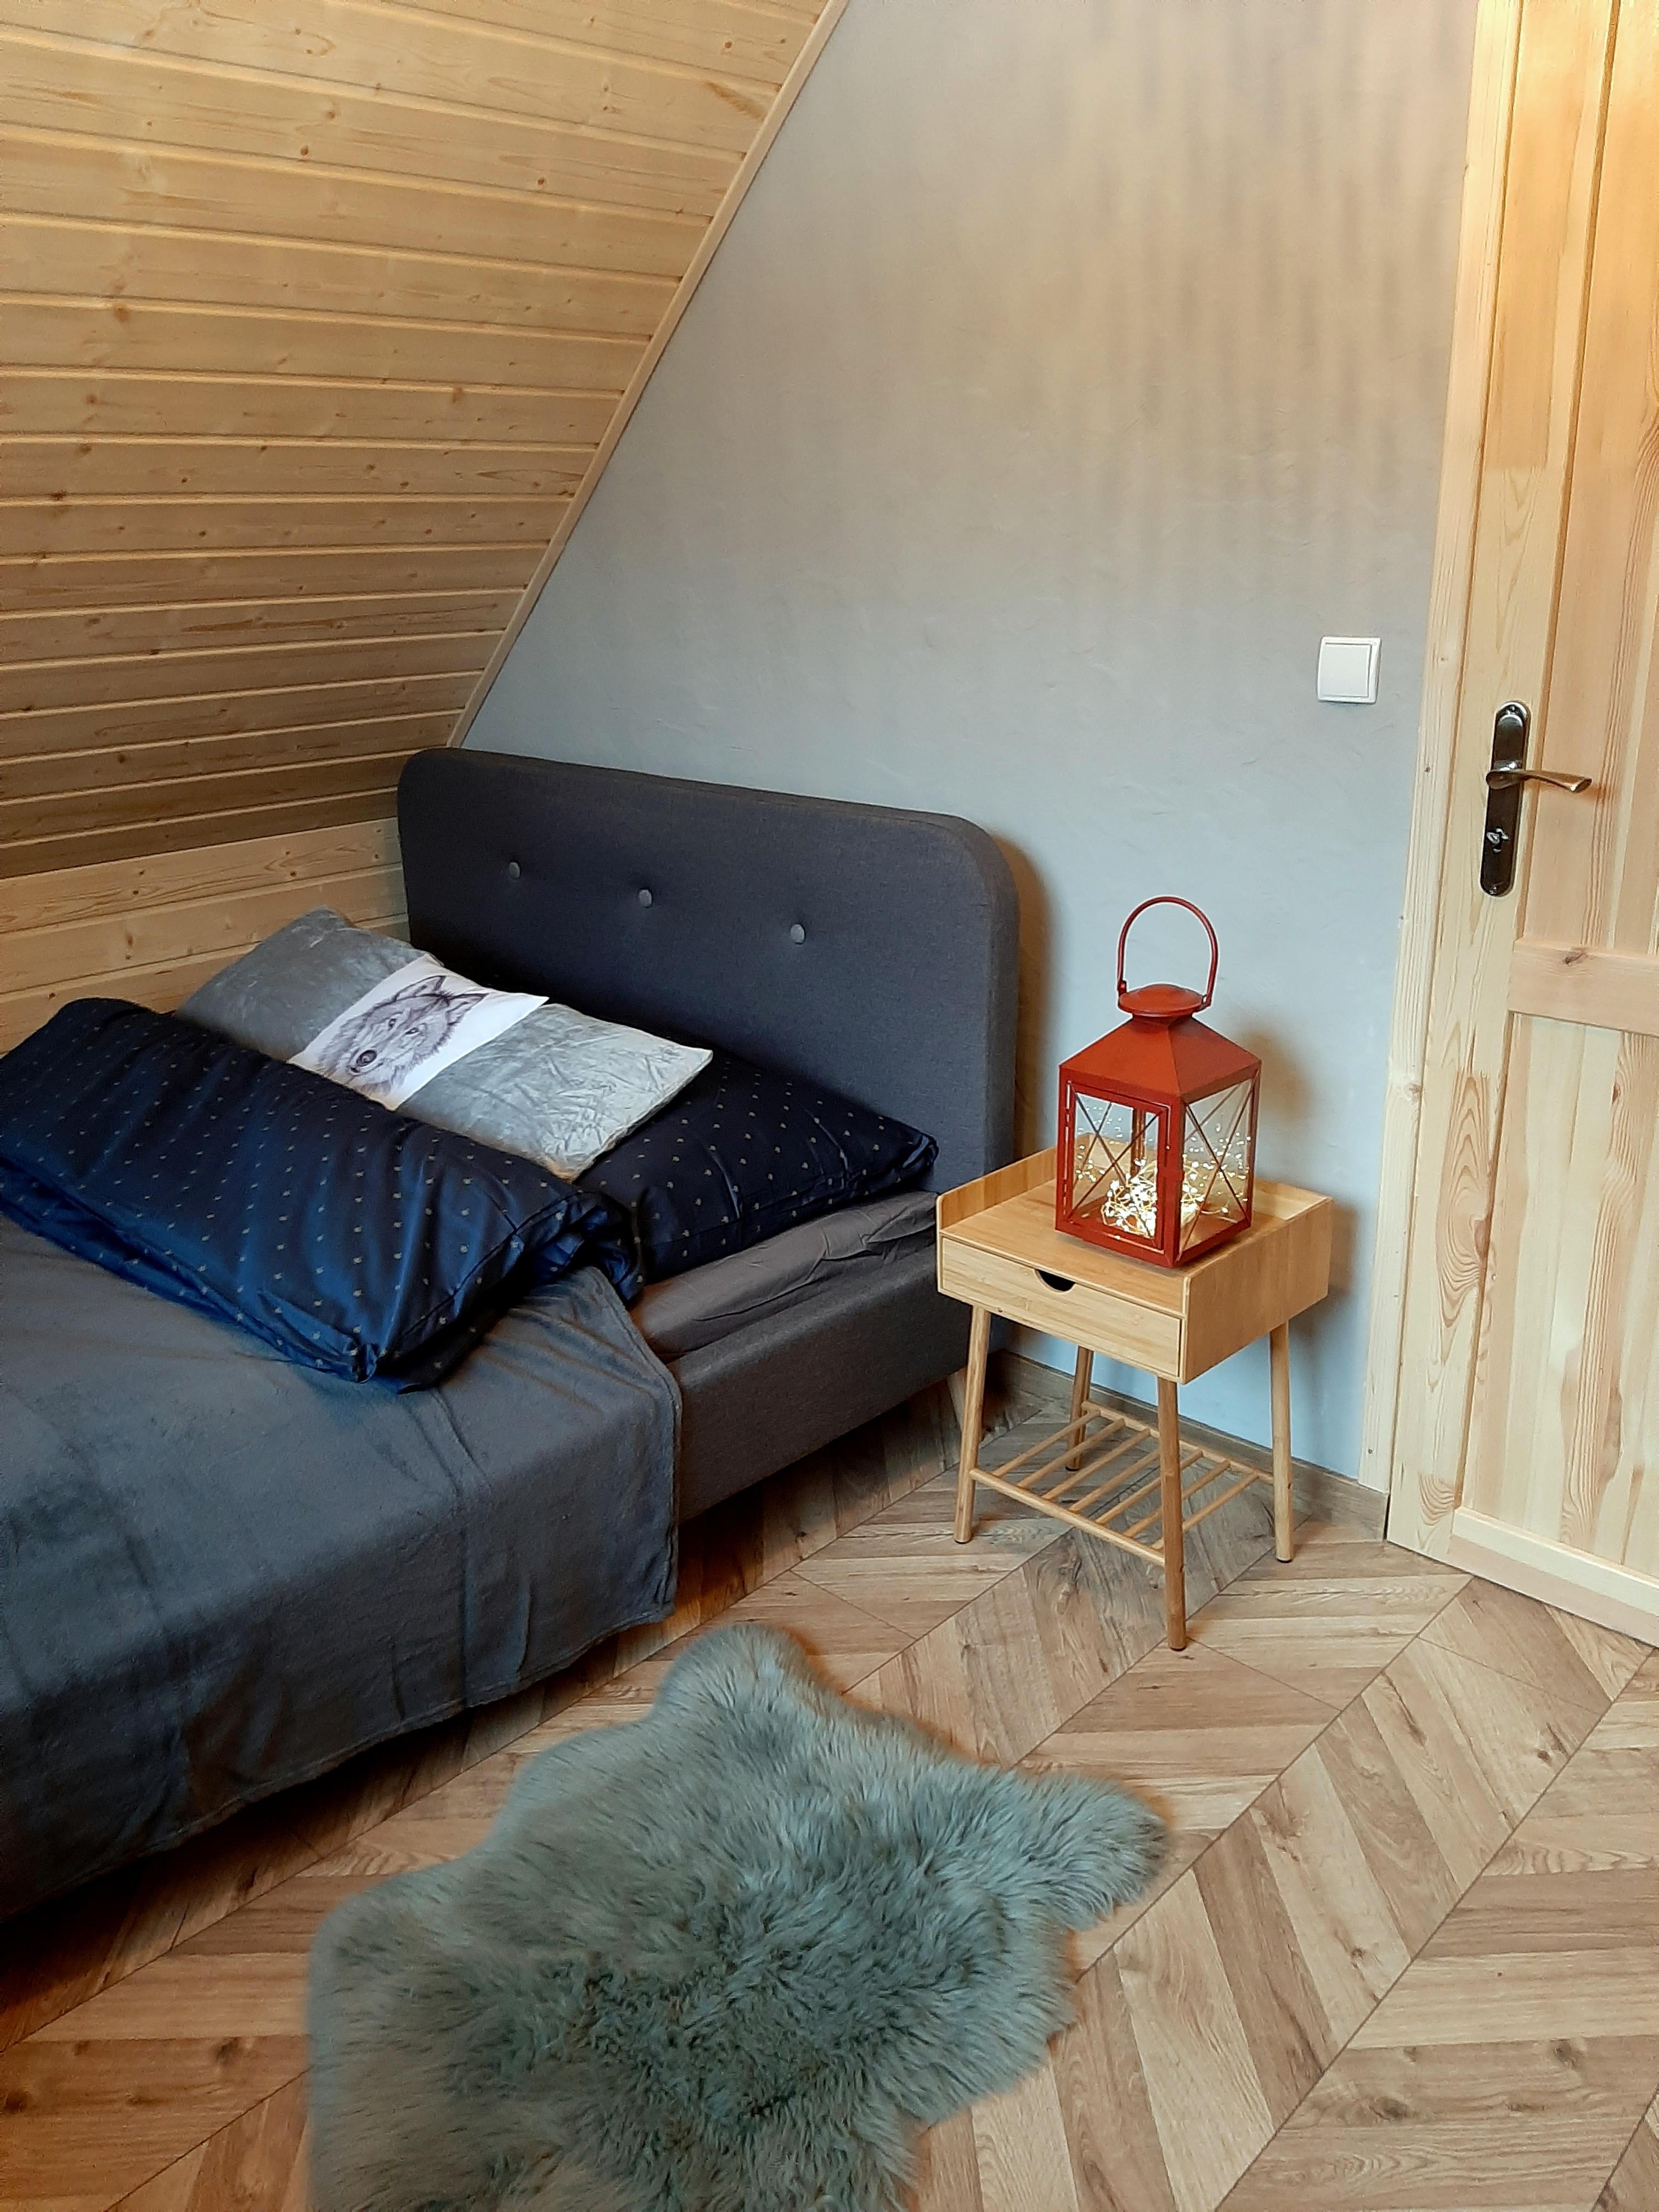 Szumilove Domki w Bieszczadach  - Where will I sleep?